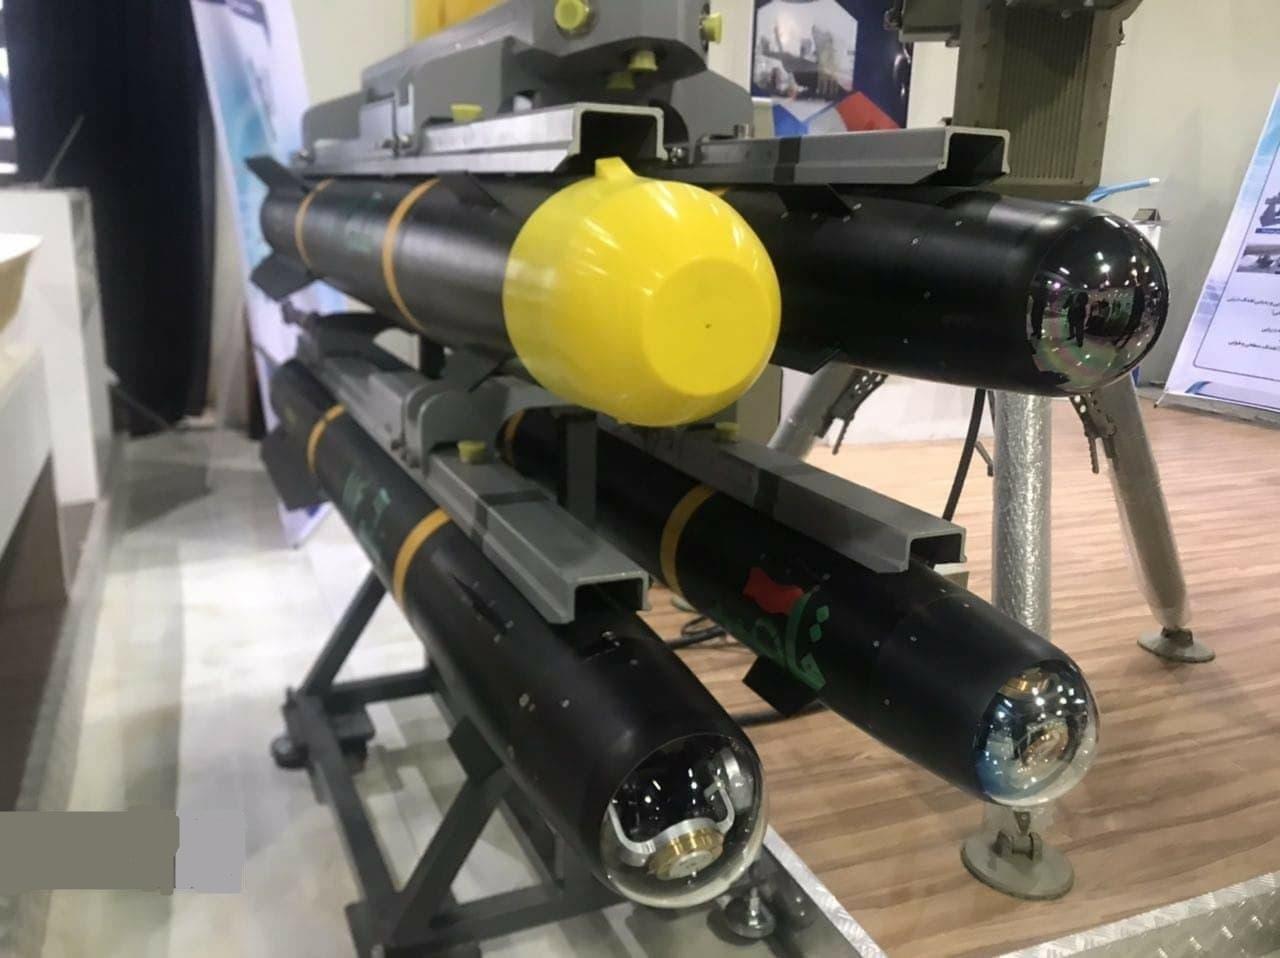 Iran sao chép tên lửa chống tăng AGM-114 Hellfire của Mỹ